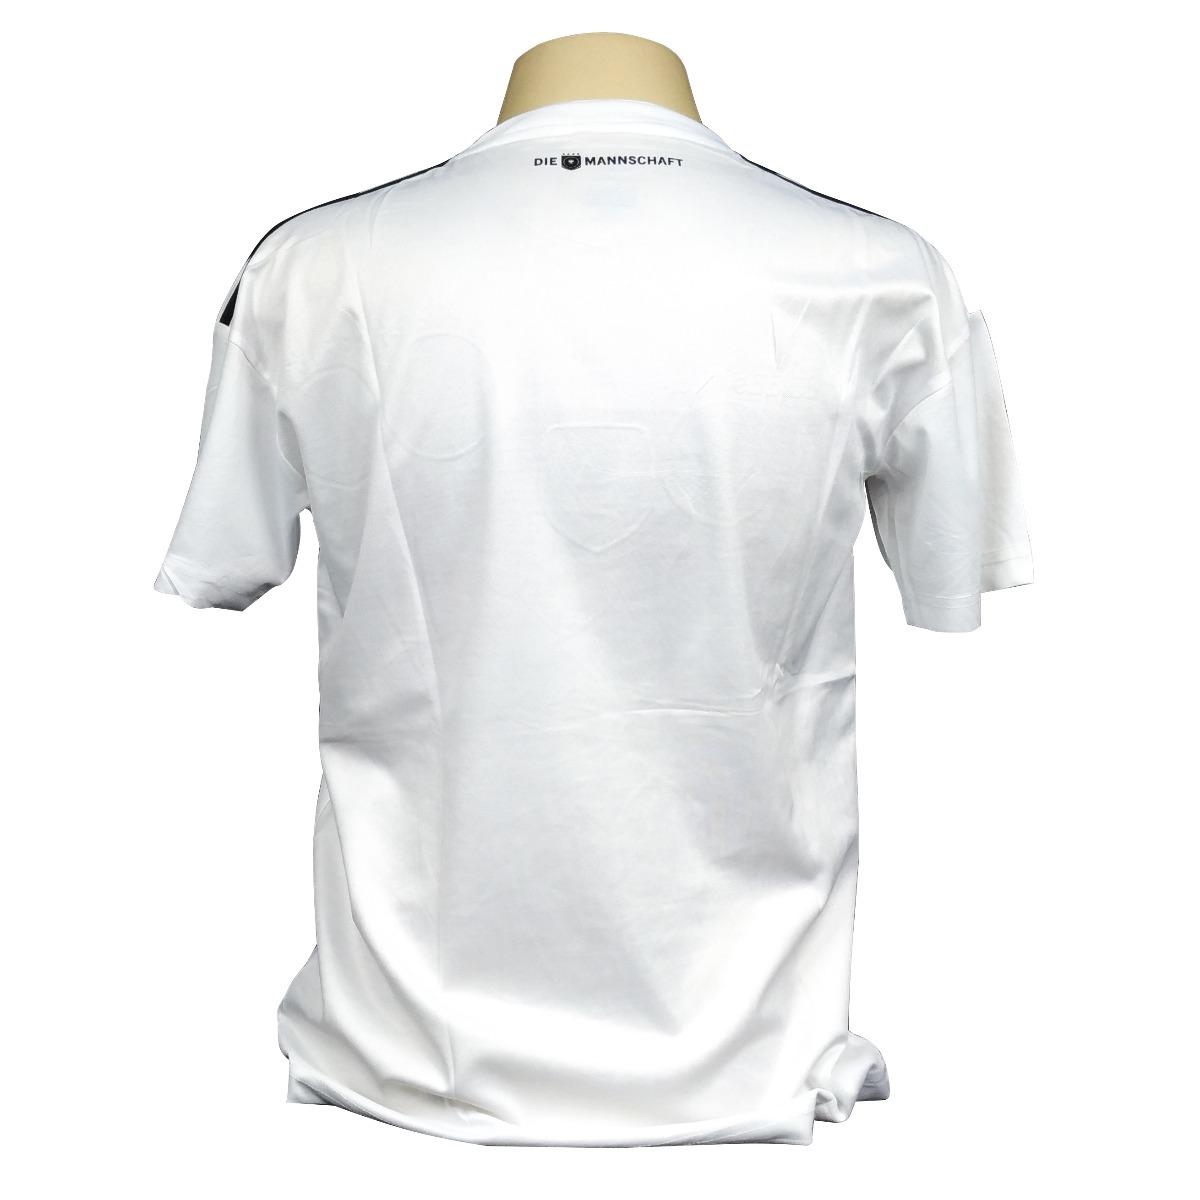 camisa alemanha adidas titular copa 2018. Carregando zoom. c55781e9a03ba